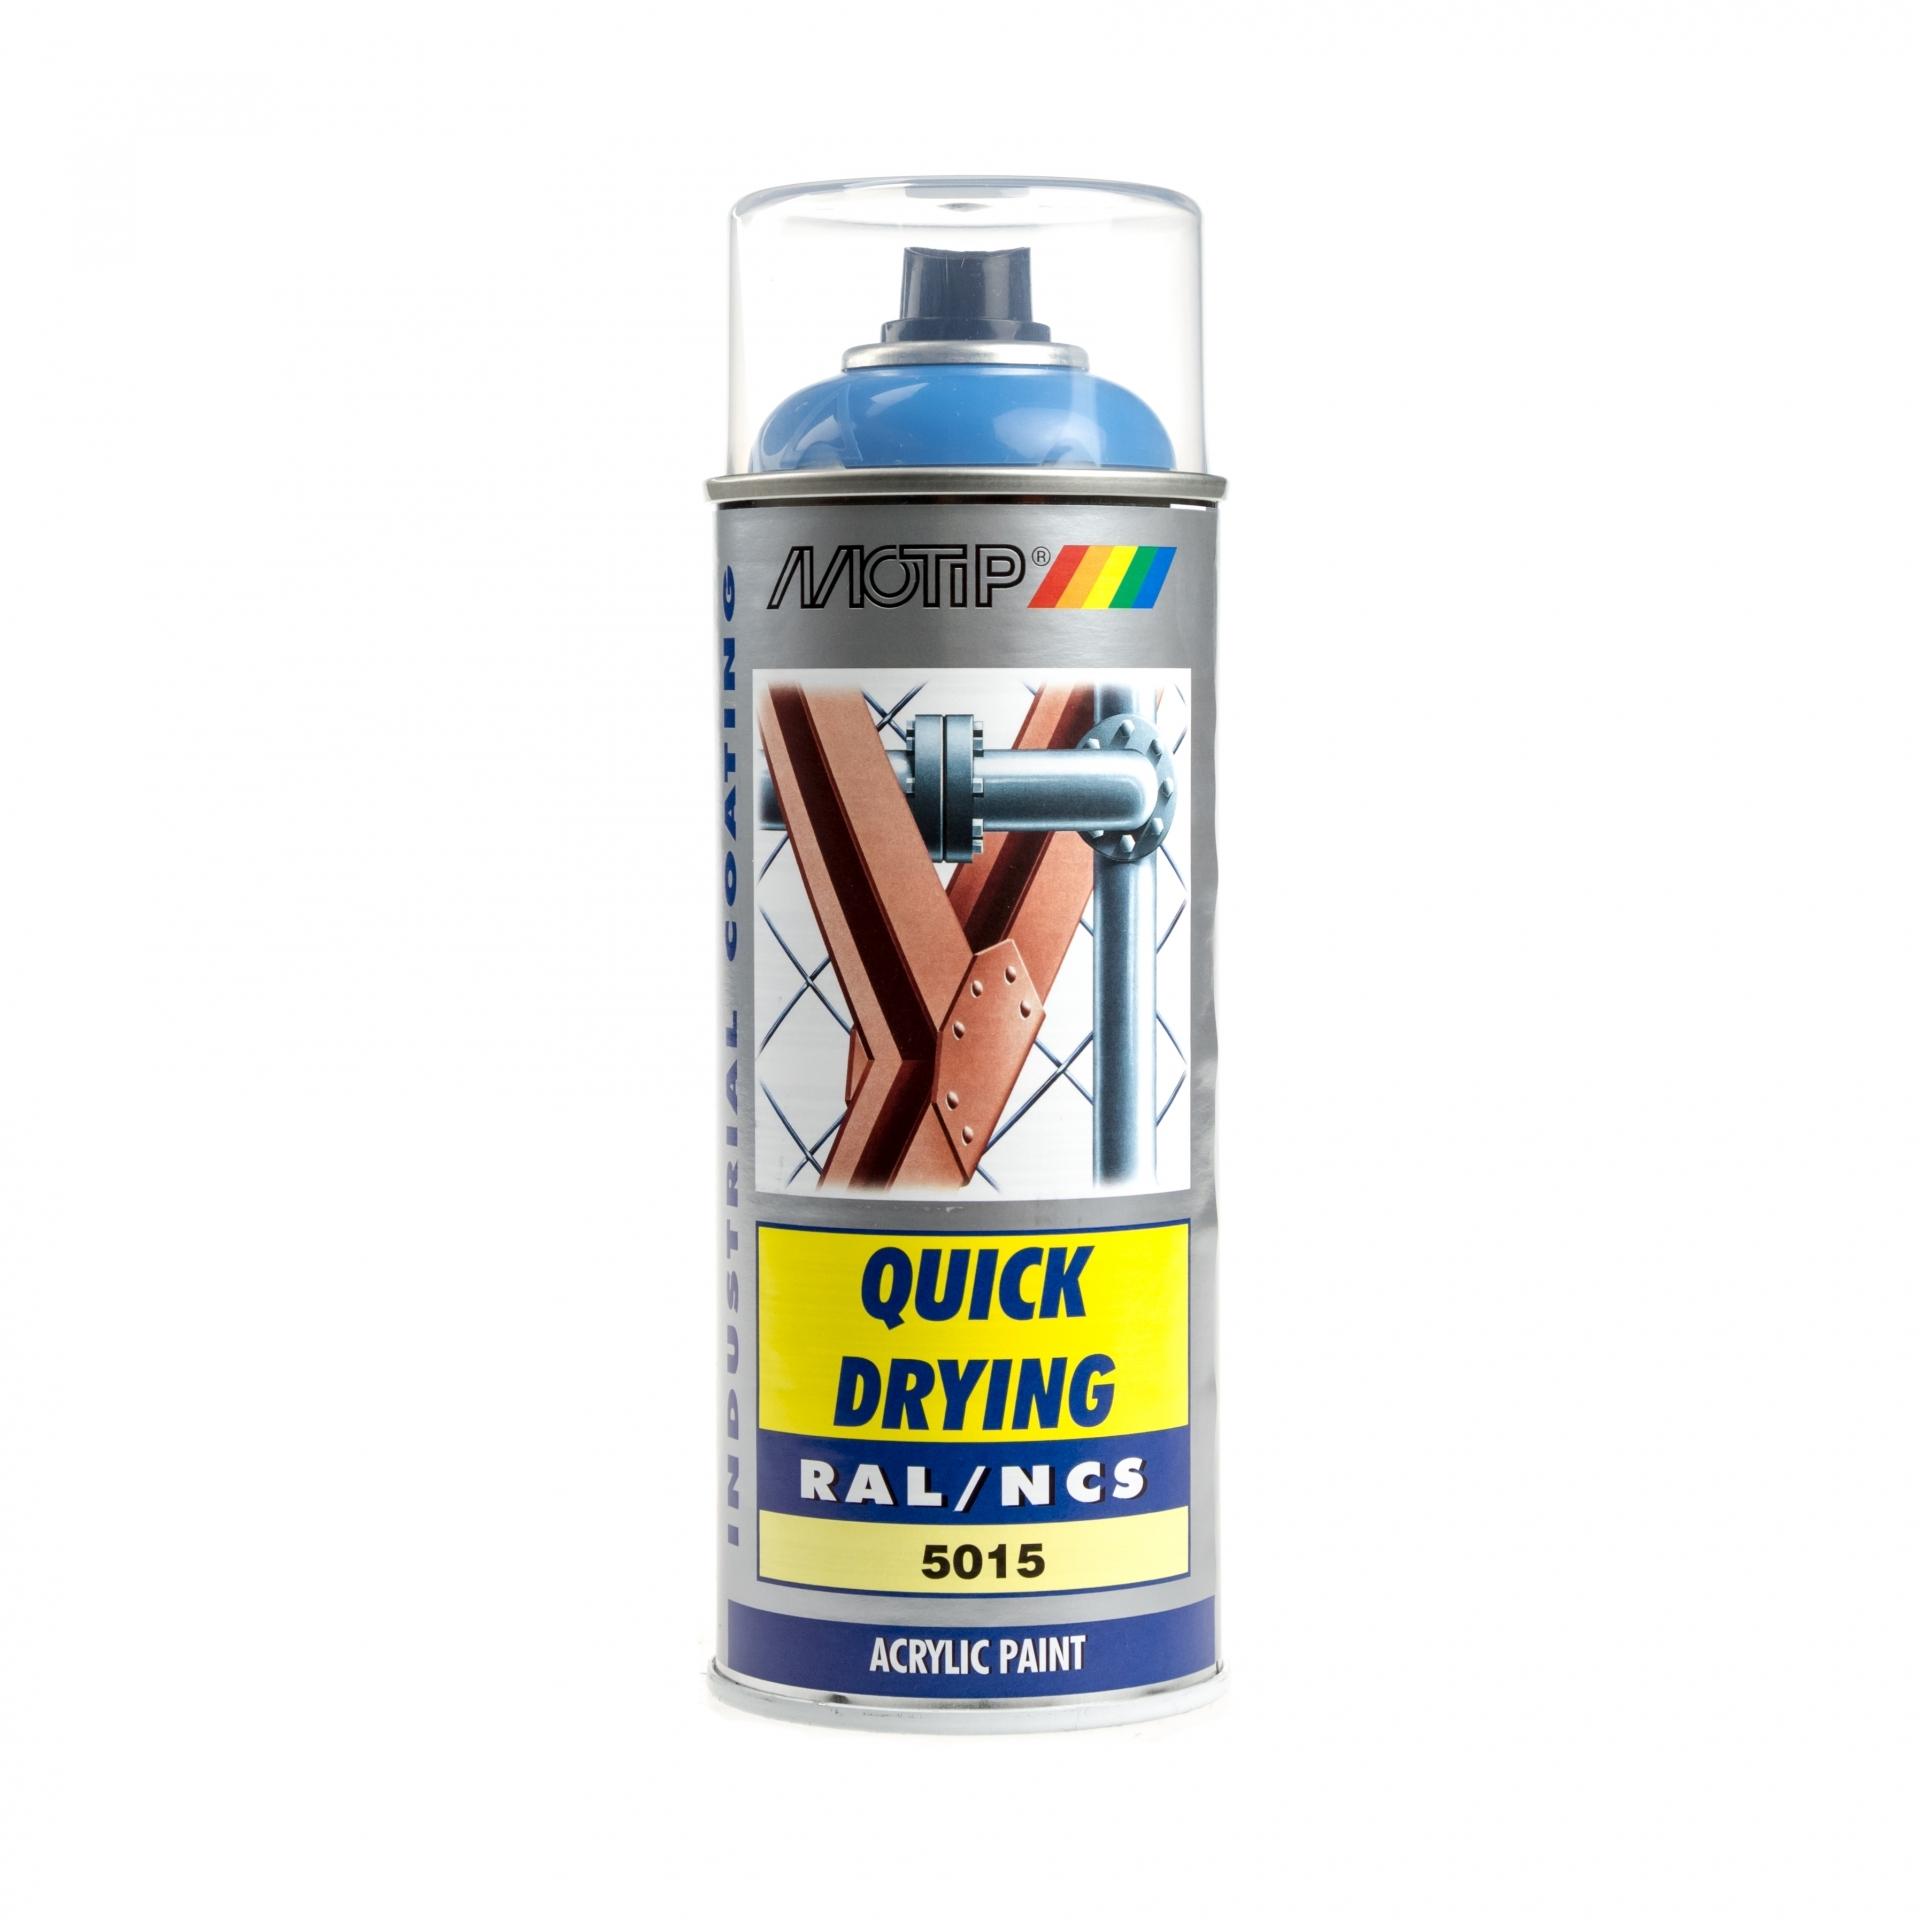 Bombe de peinture MoTip bleu ciel brillant acrylique RAL 5015 400 ml M07012